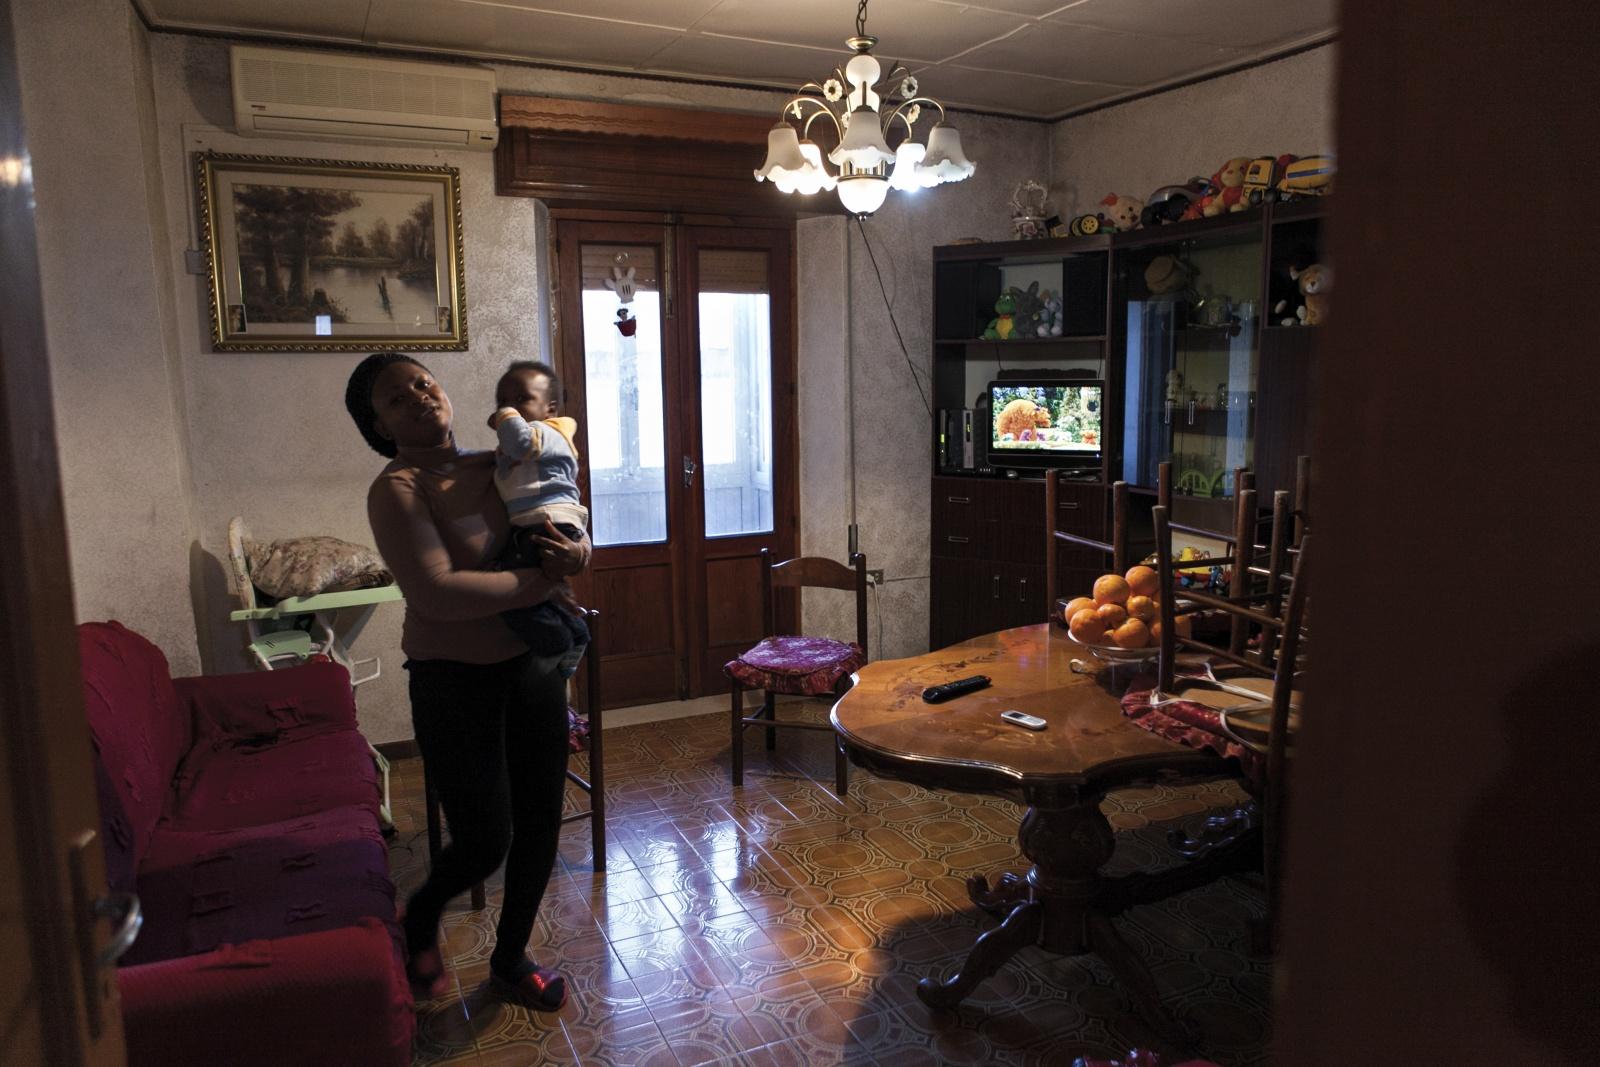 Il signor Sindaco e la Città Futura | Gianfranco Ferraro - Madre e figlio nigeriani in una delle casa di Riace offerte dal sindaco Domenico Lucano ai migranti. © Gianfranco Ferraro